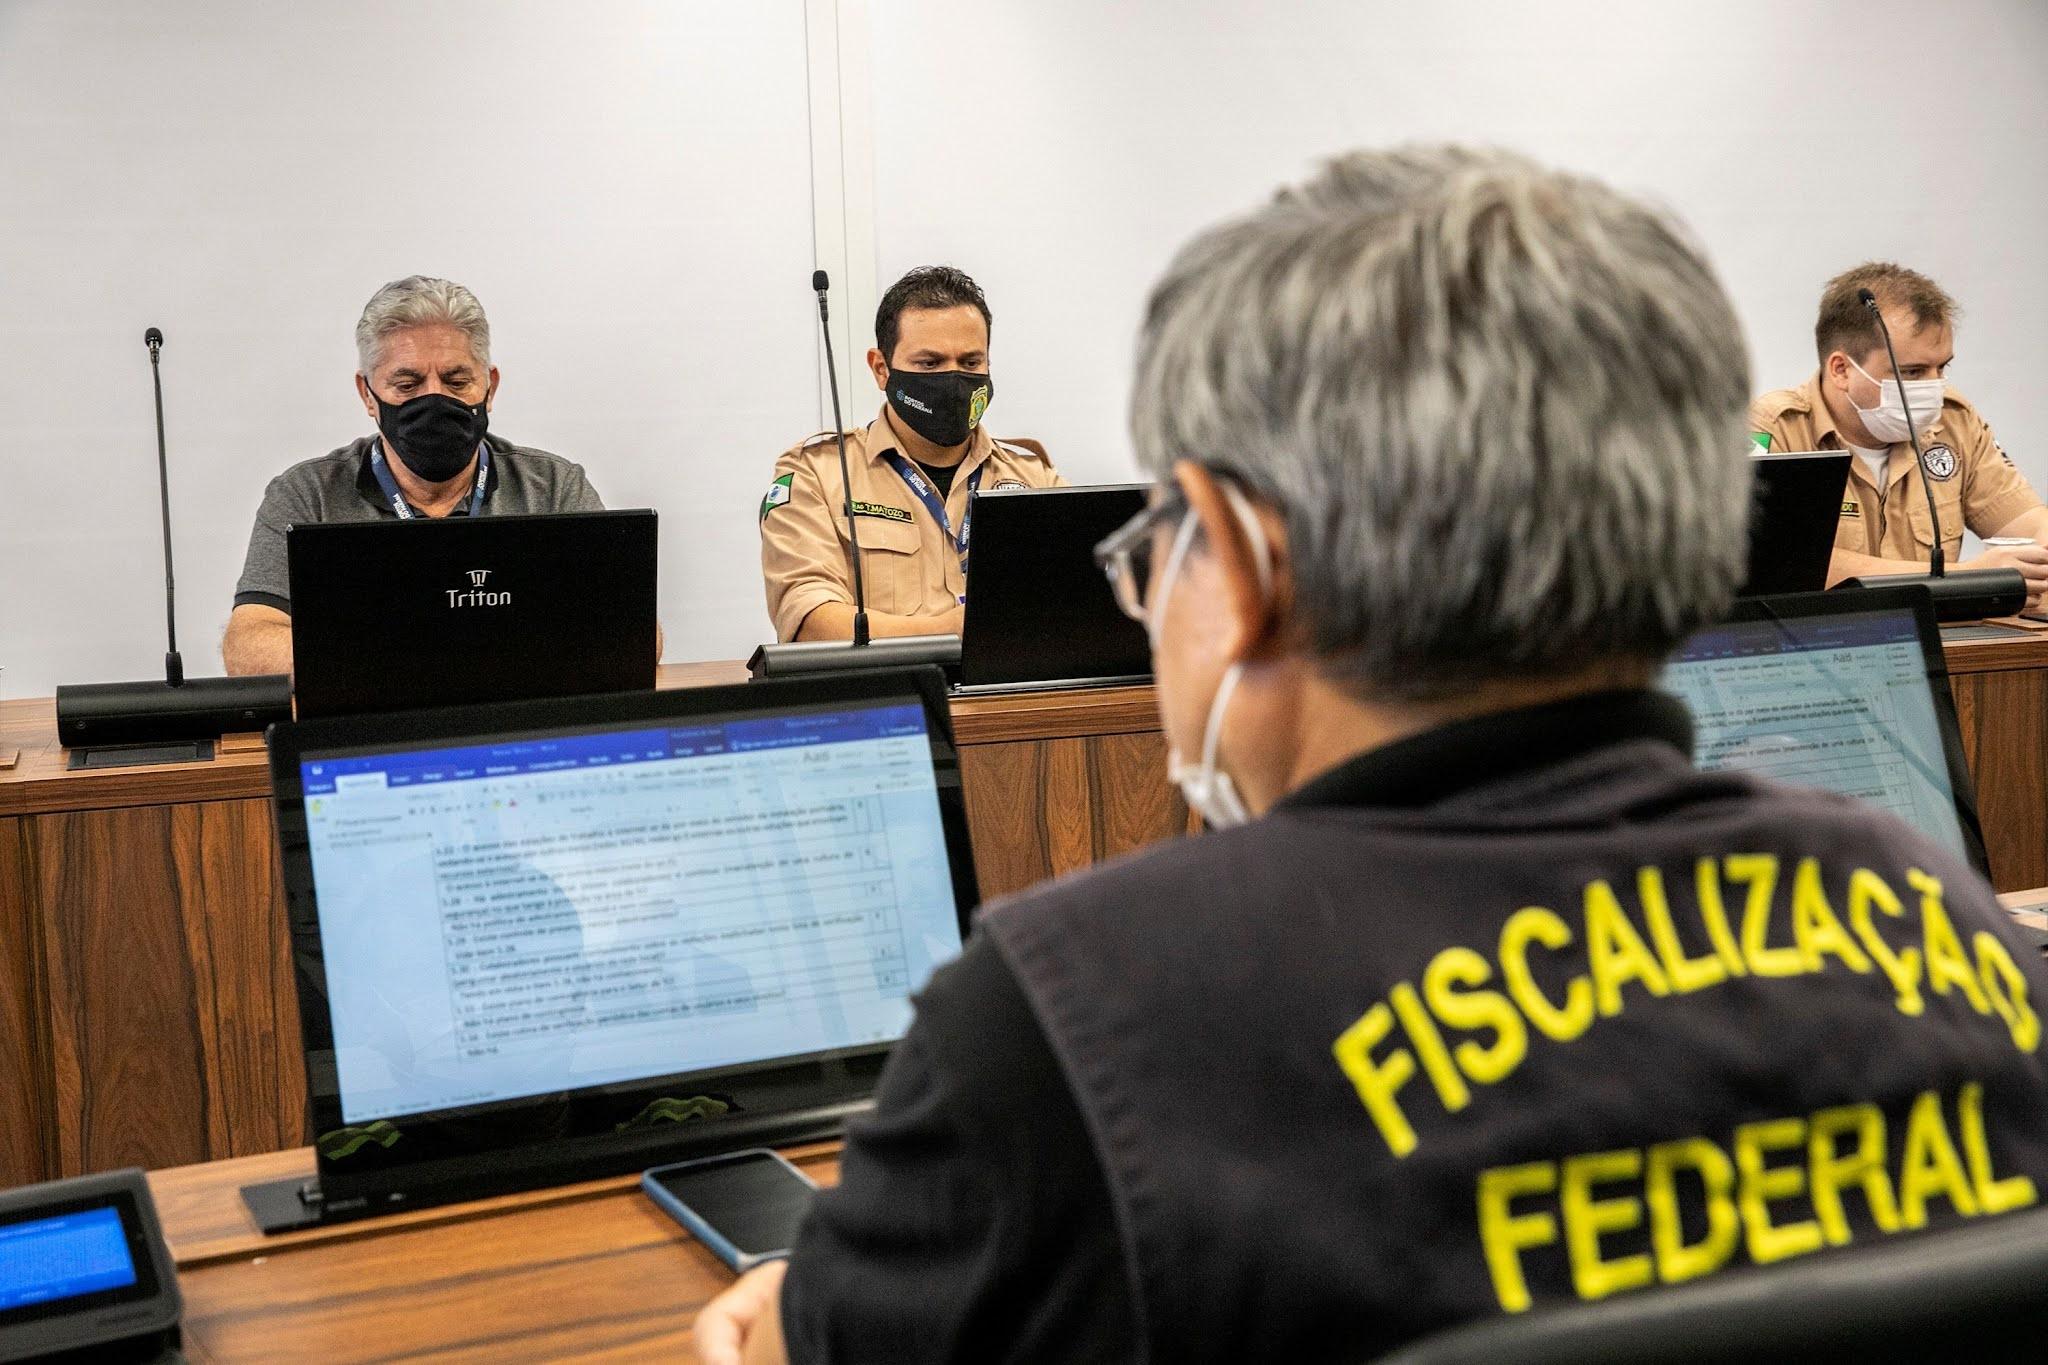 Conportos realiza auditoria no Porto de Paranaguá